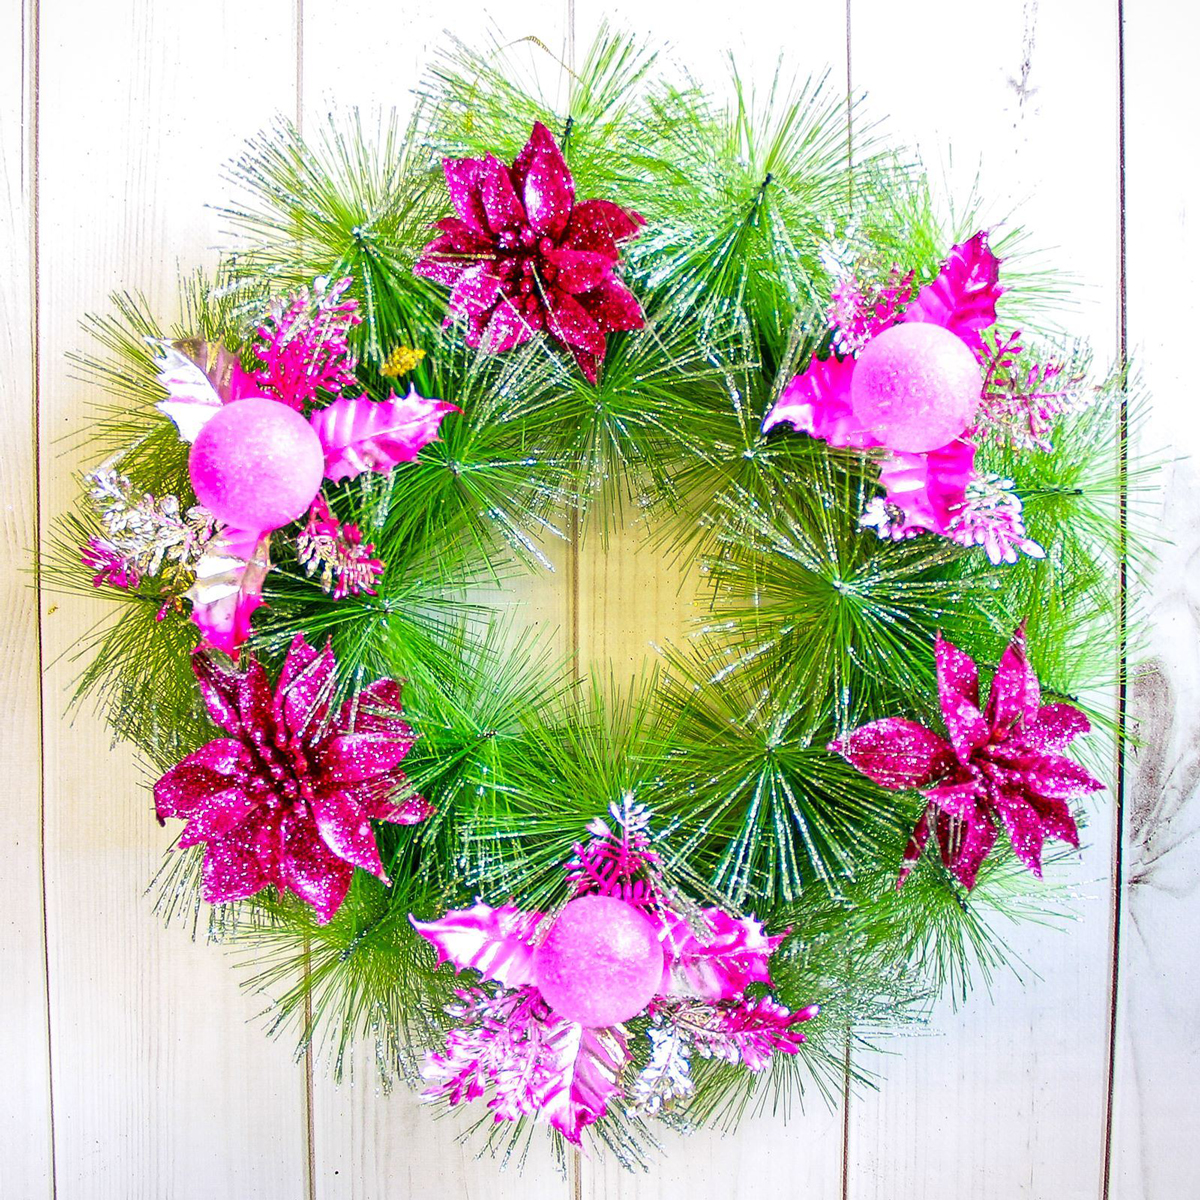 Венок новогодний Сиреневый цветок, диаметр 30 см2377995Невозможно представить нашу жизнь без праздников! Мы всегда ждем их и предвкушаем, обдумываем, как проведем памятный день, тщательновыбираем подарки и аксессуары, ведь именно они создают и поддерживают торжественный настрой. Это отличный выбор, который привнесетатмосферу праздника в ваш дом! Диаметр венка: 30 см.